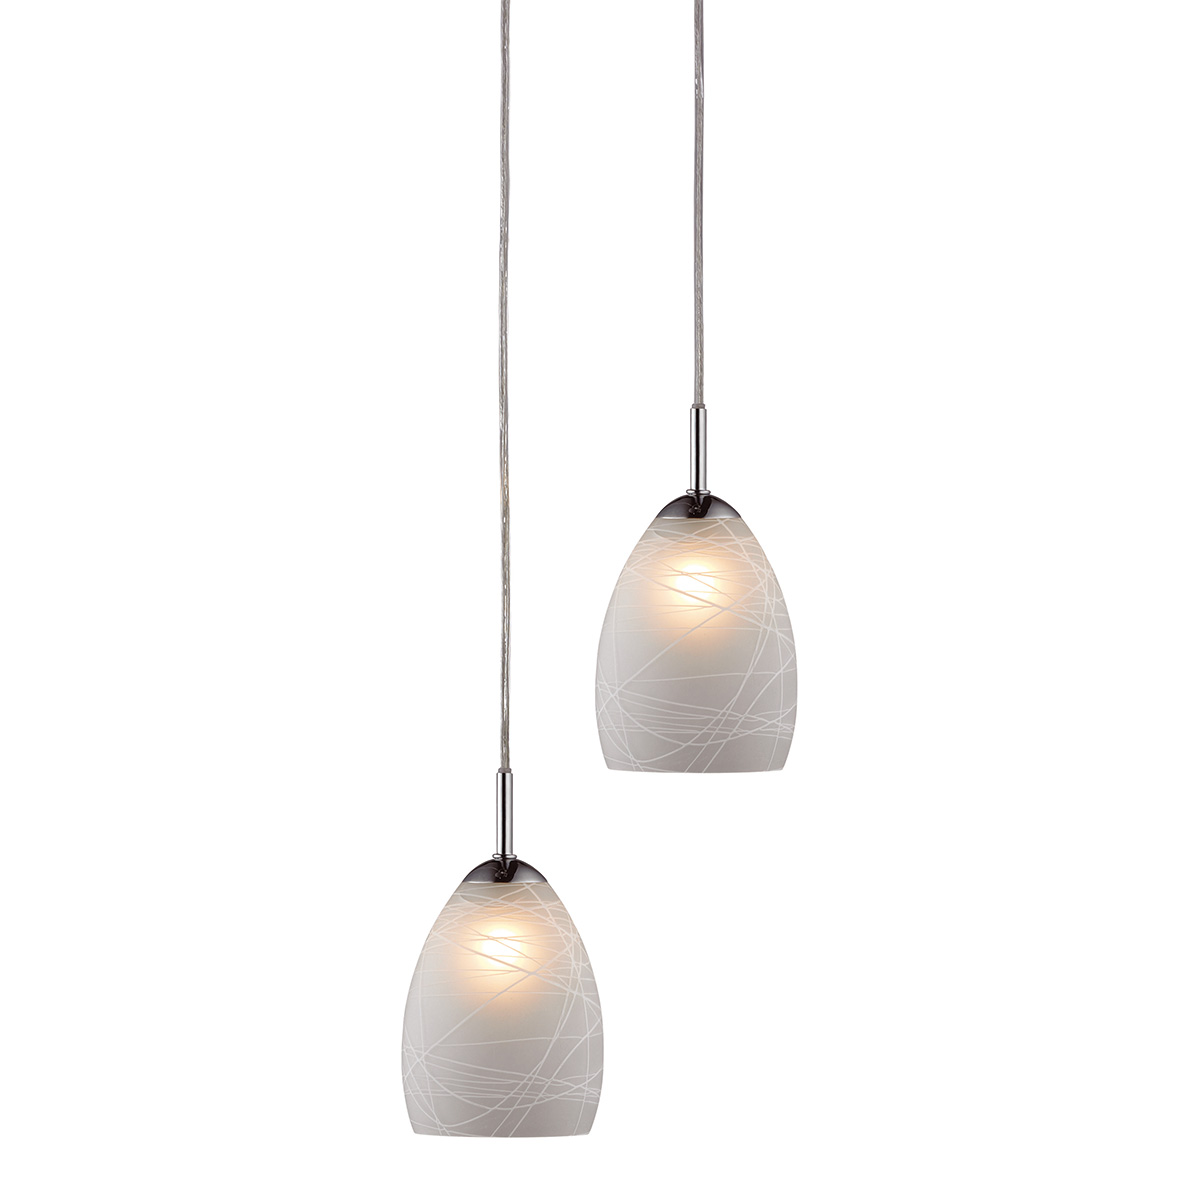 Image of   Halo Design pendelsæt - Winner - Hvid